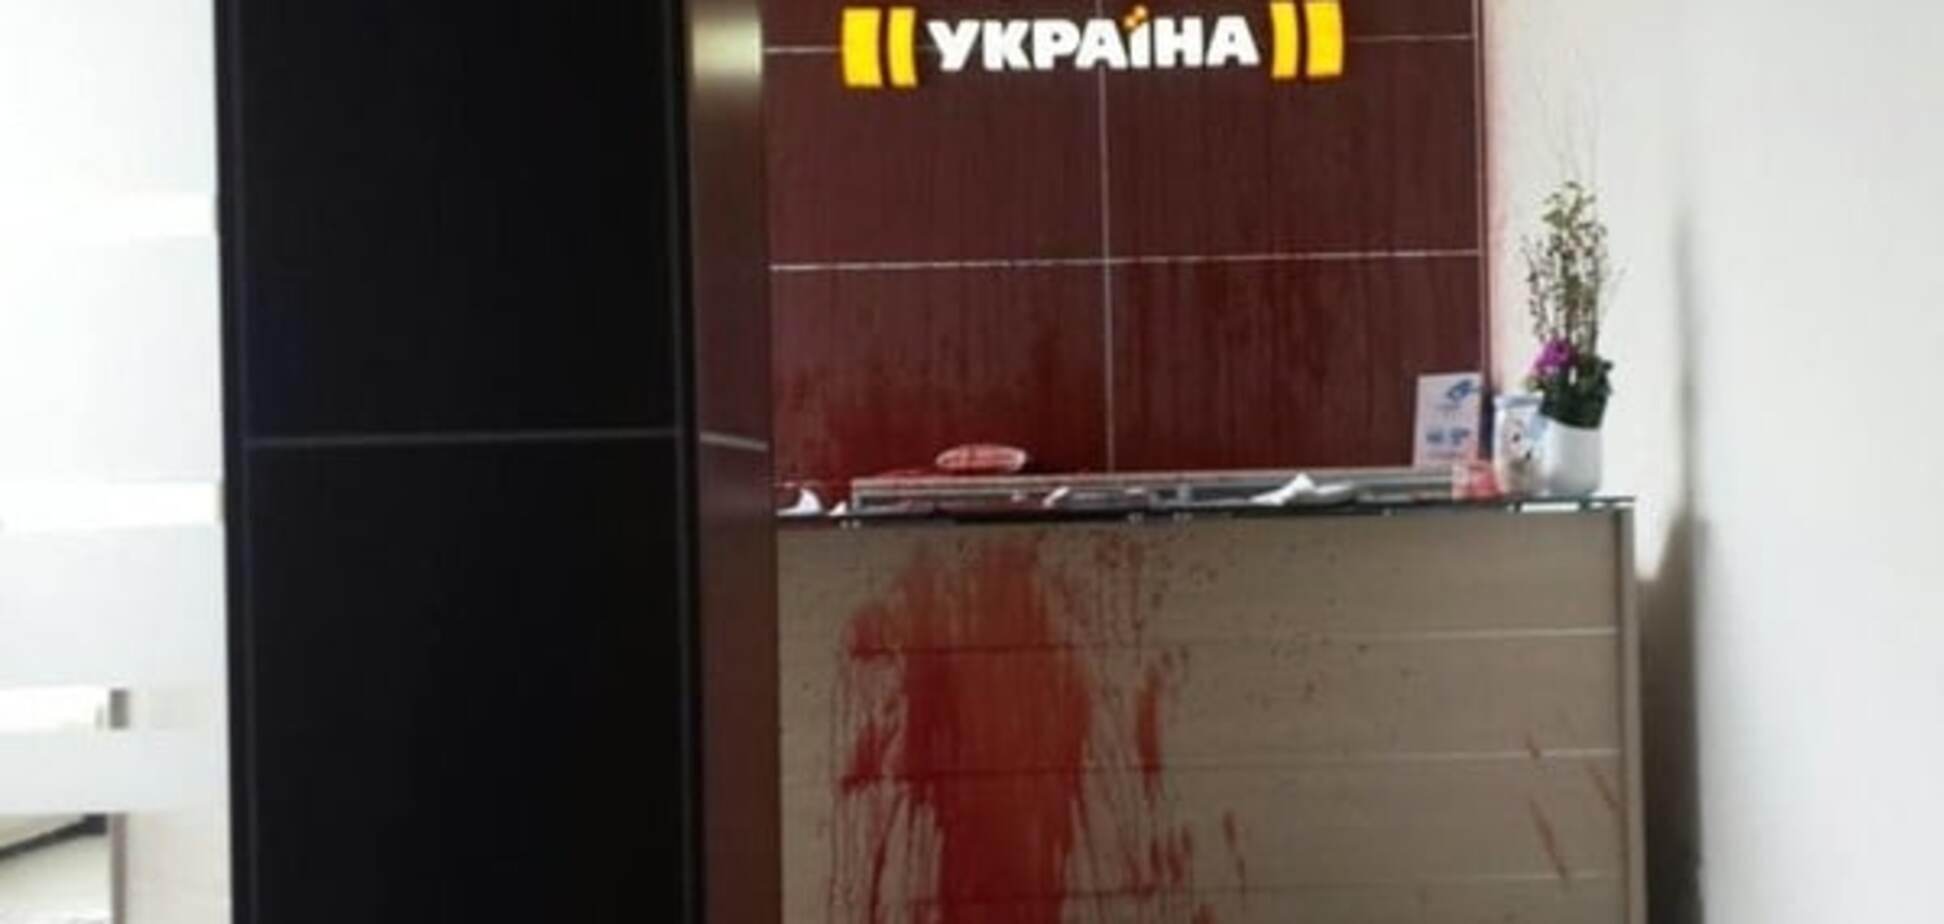 Обурення і відторгнення: журналіст розкритикував напад на офіс телеканалу 'Україна'